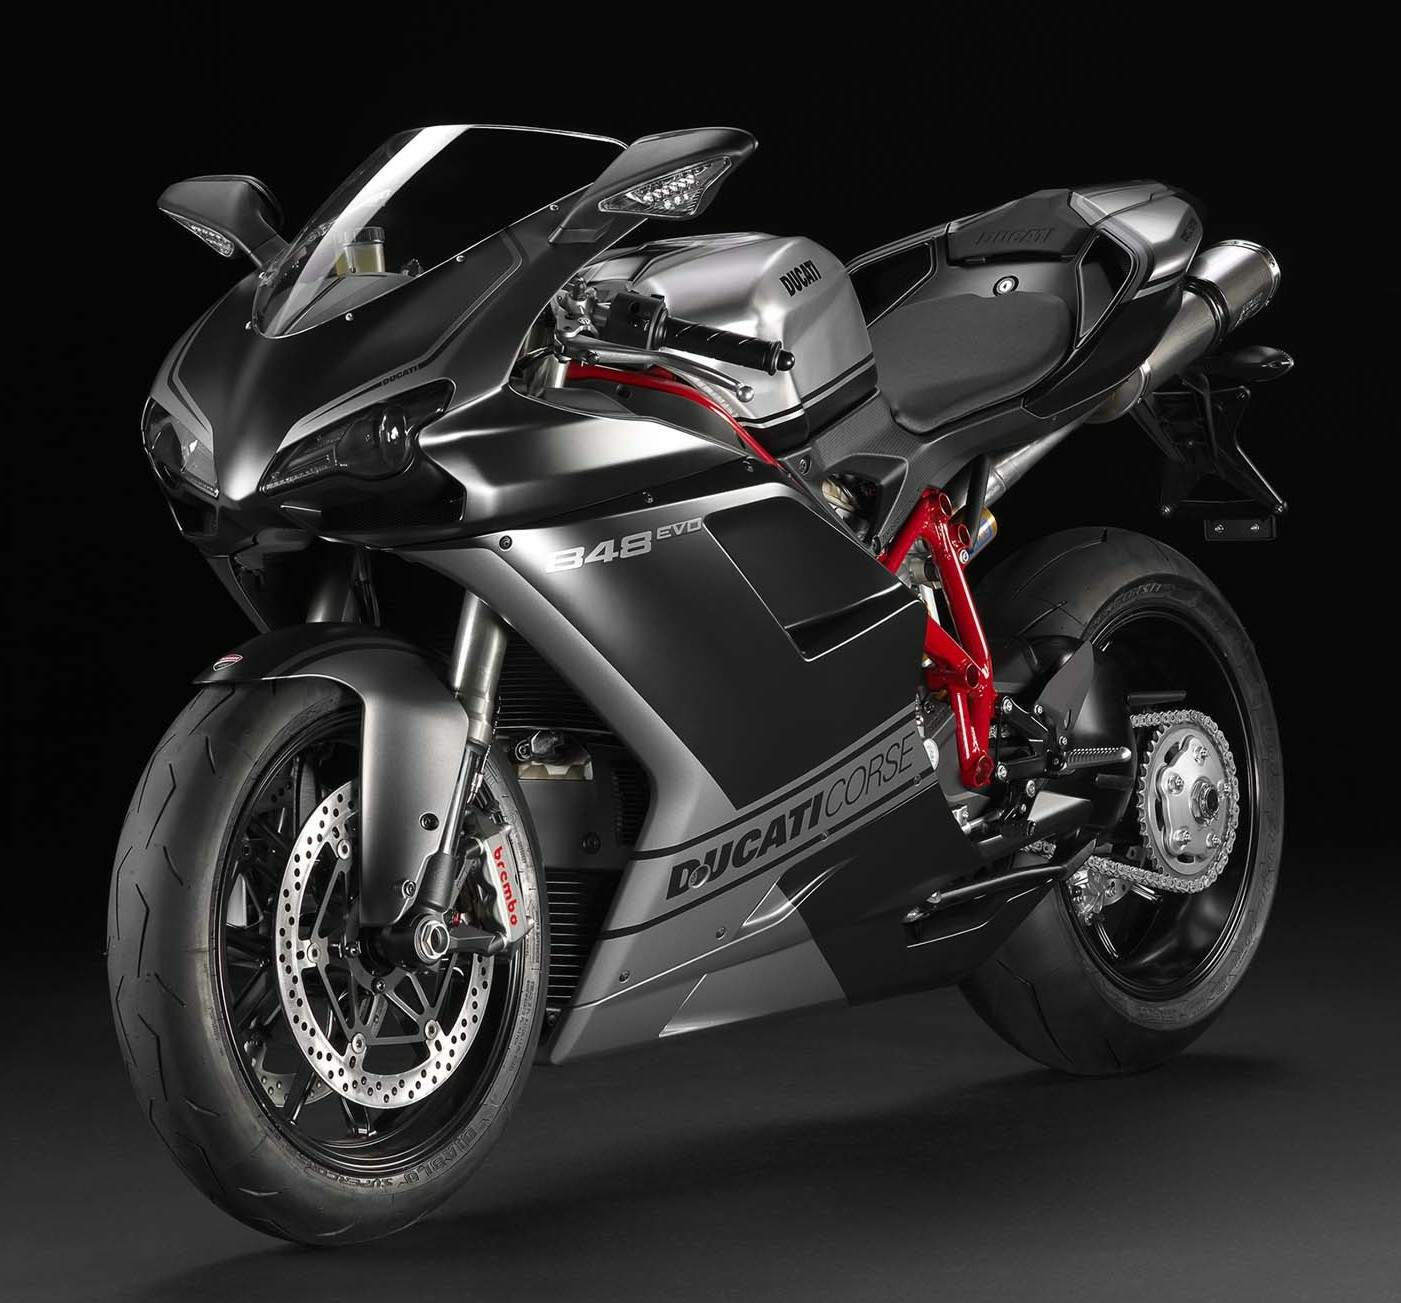 Ducati 848 evo specs